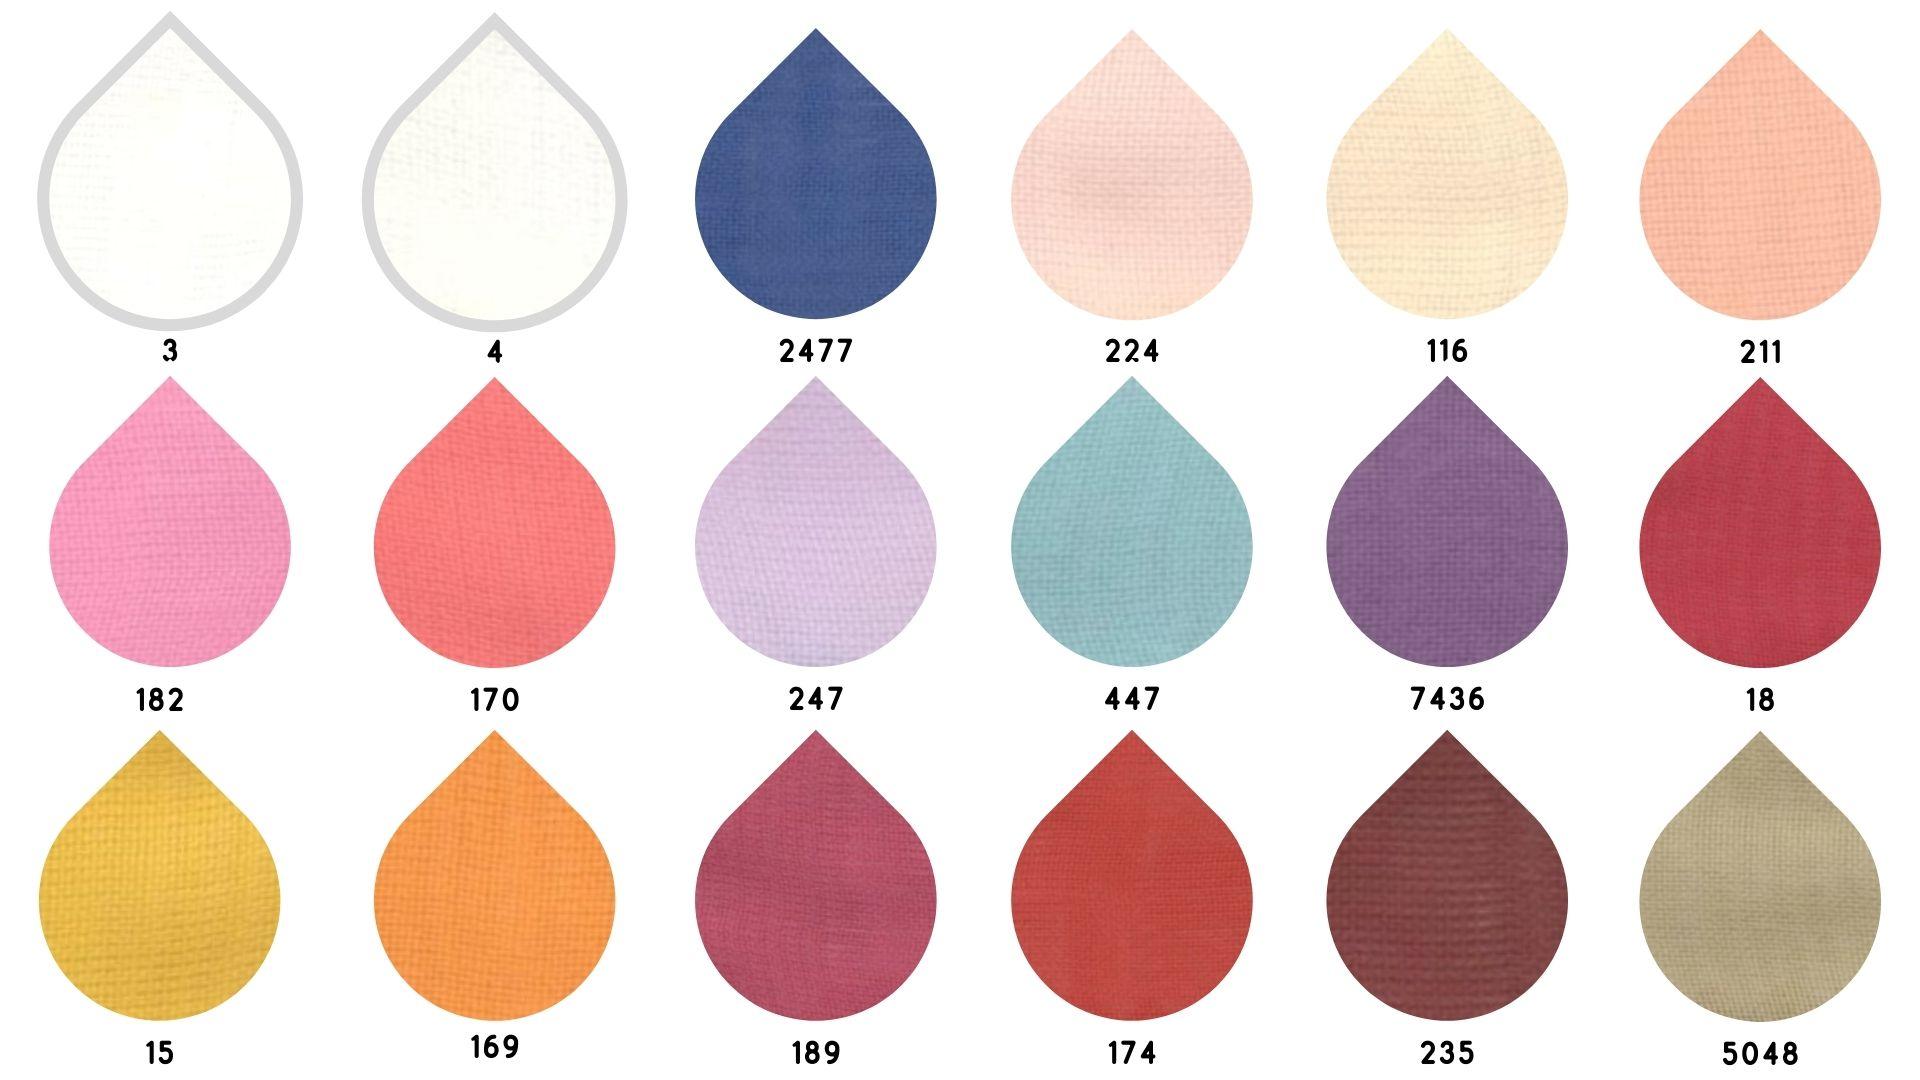 la cartella colore del tessuto superior smog single chiffon di Leadford & Logan